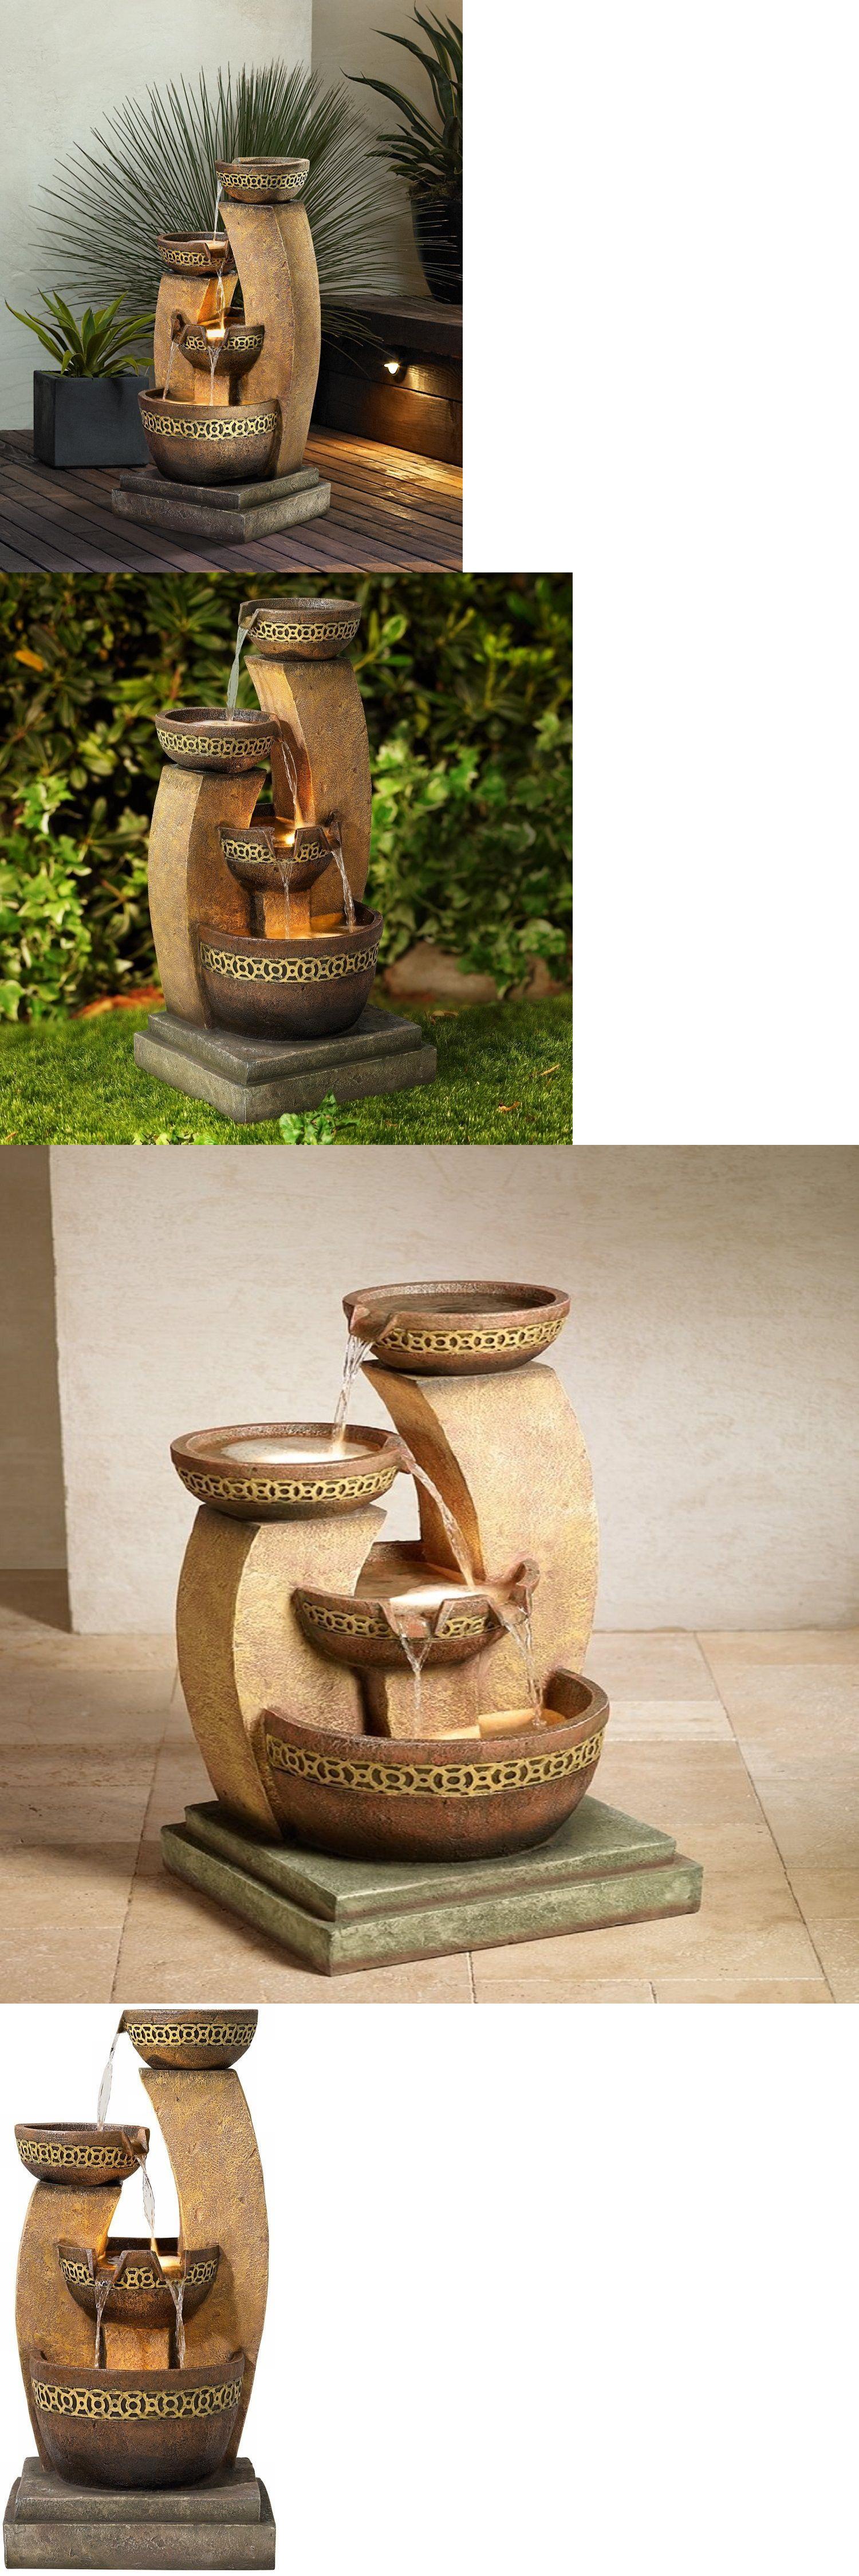 Indoor fountains 20569 water fountain outdoor cascading garden 3 indoor fountains 20569 water fountain outdoor cascading garden 3 bowl waterfall patio garden decor workwithnaturefo